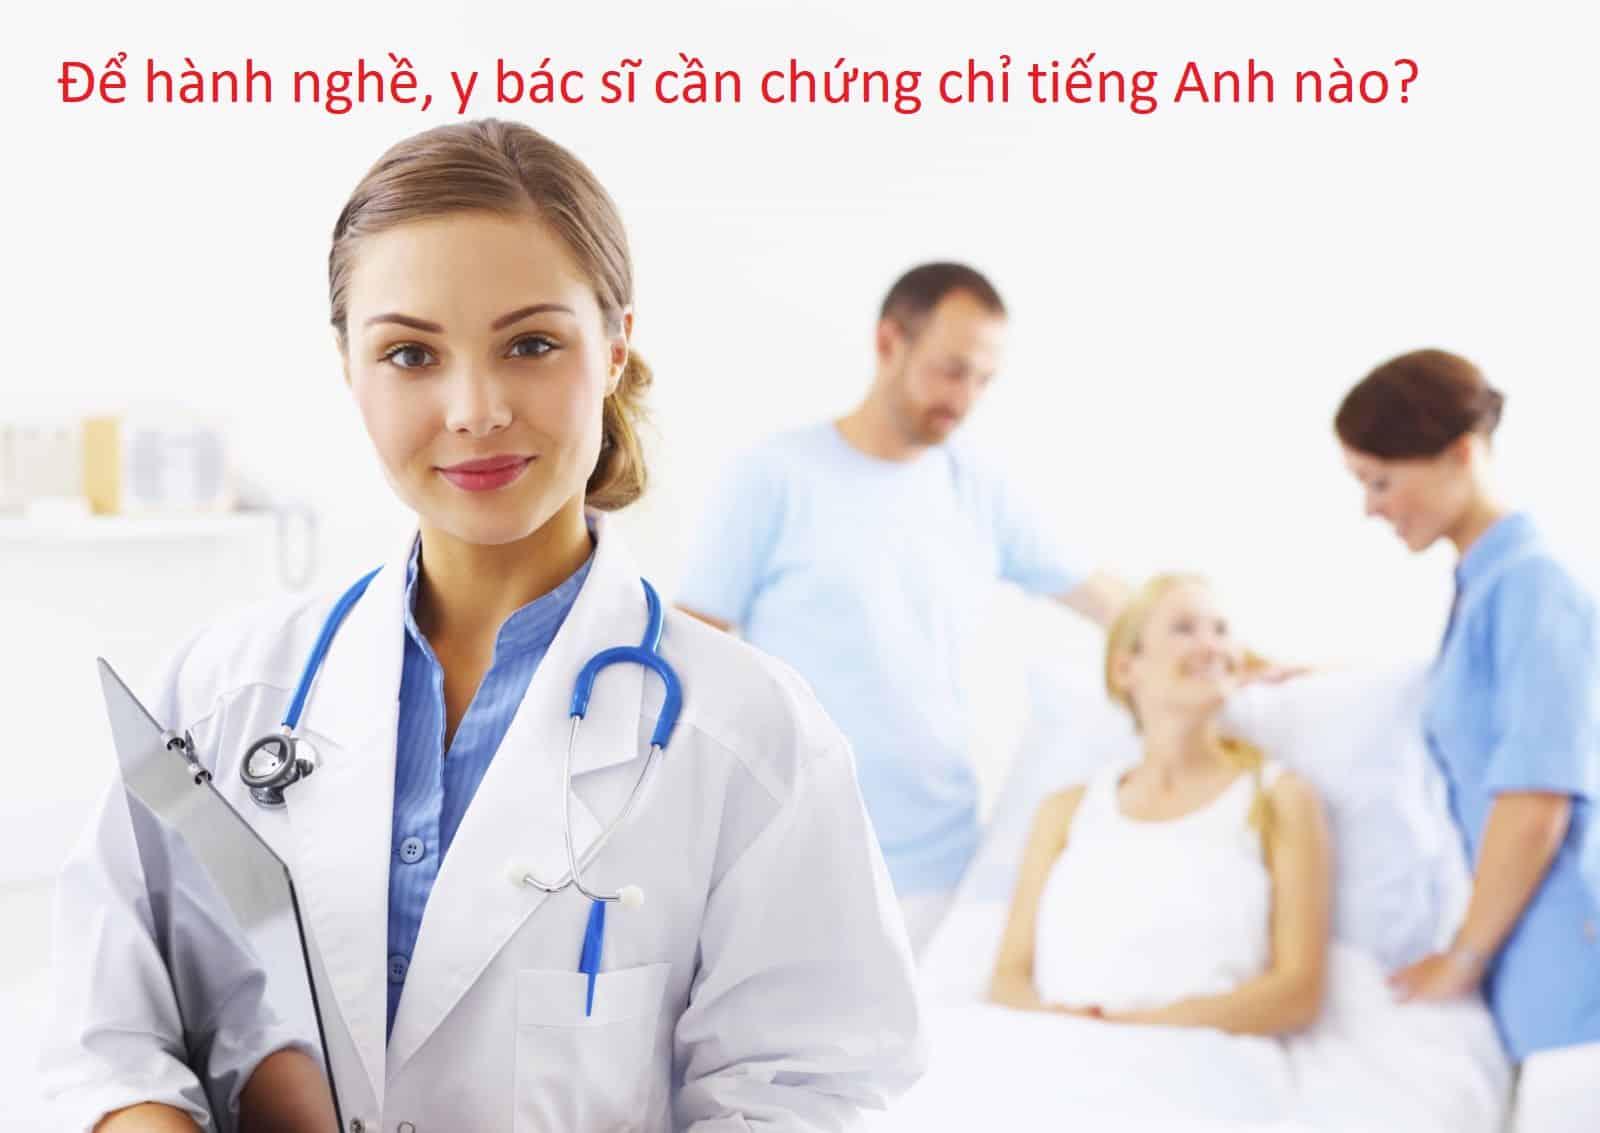 bác sĩ cần chứng chỉ tiếng Anh nào